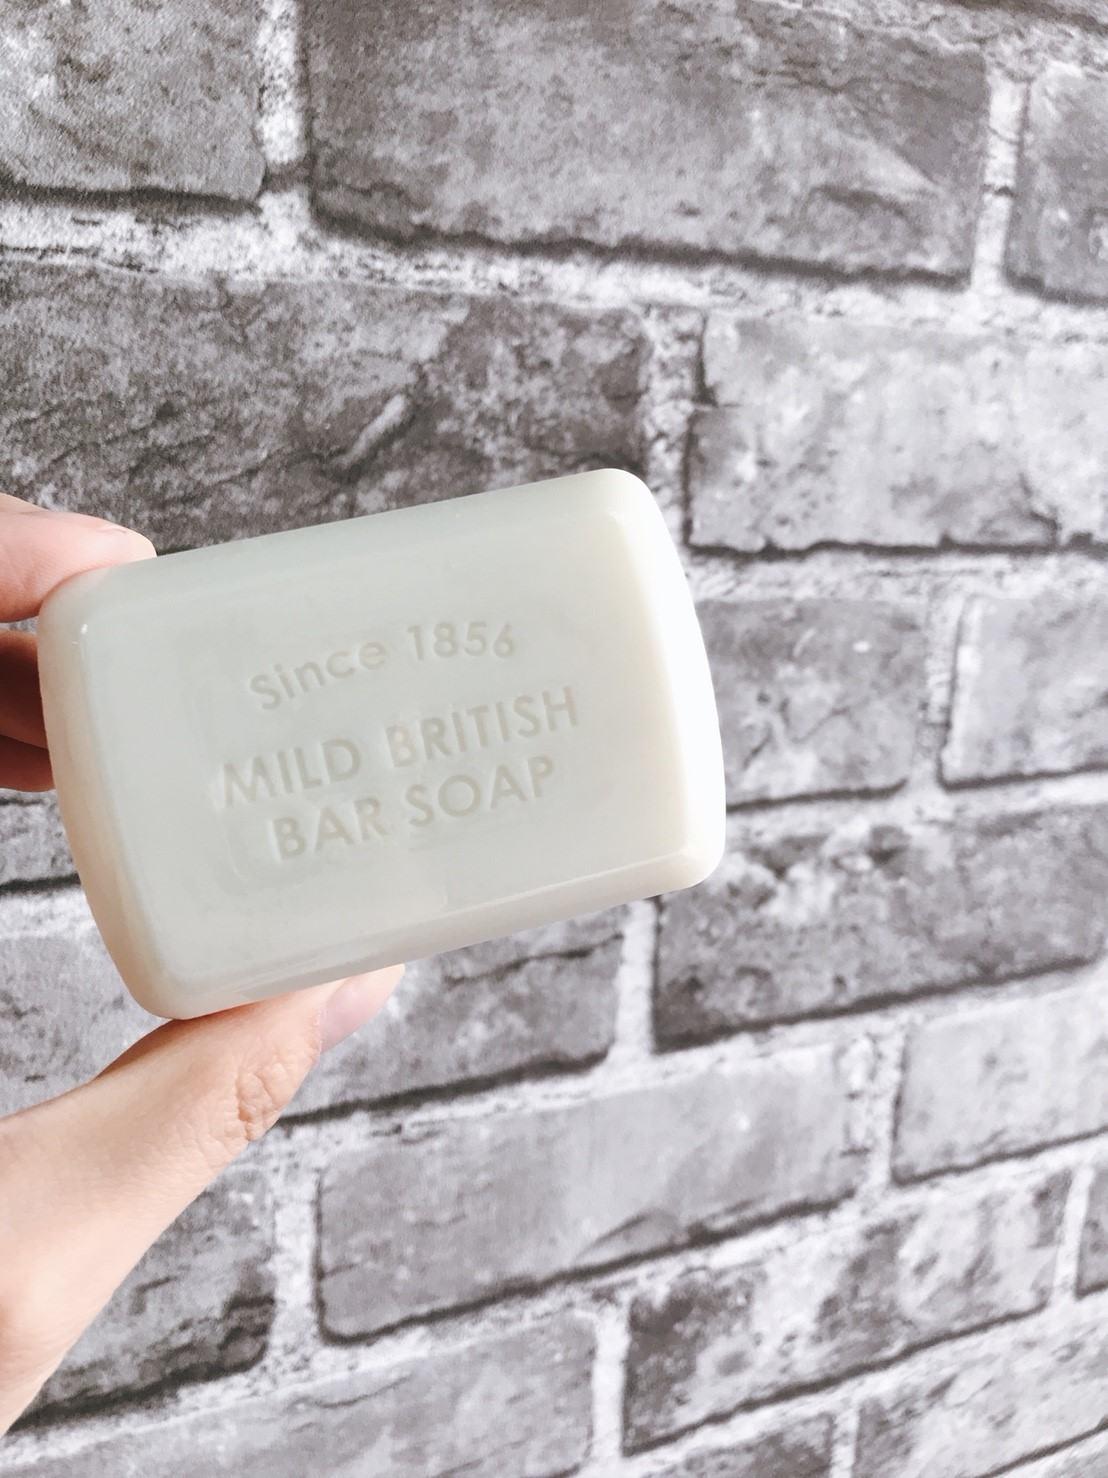 這款清潔皂,使用的是富含25%的水乳霜成分的肥皂基底,